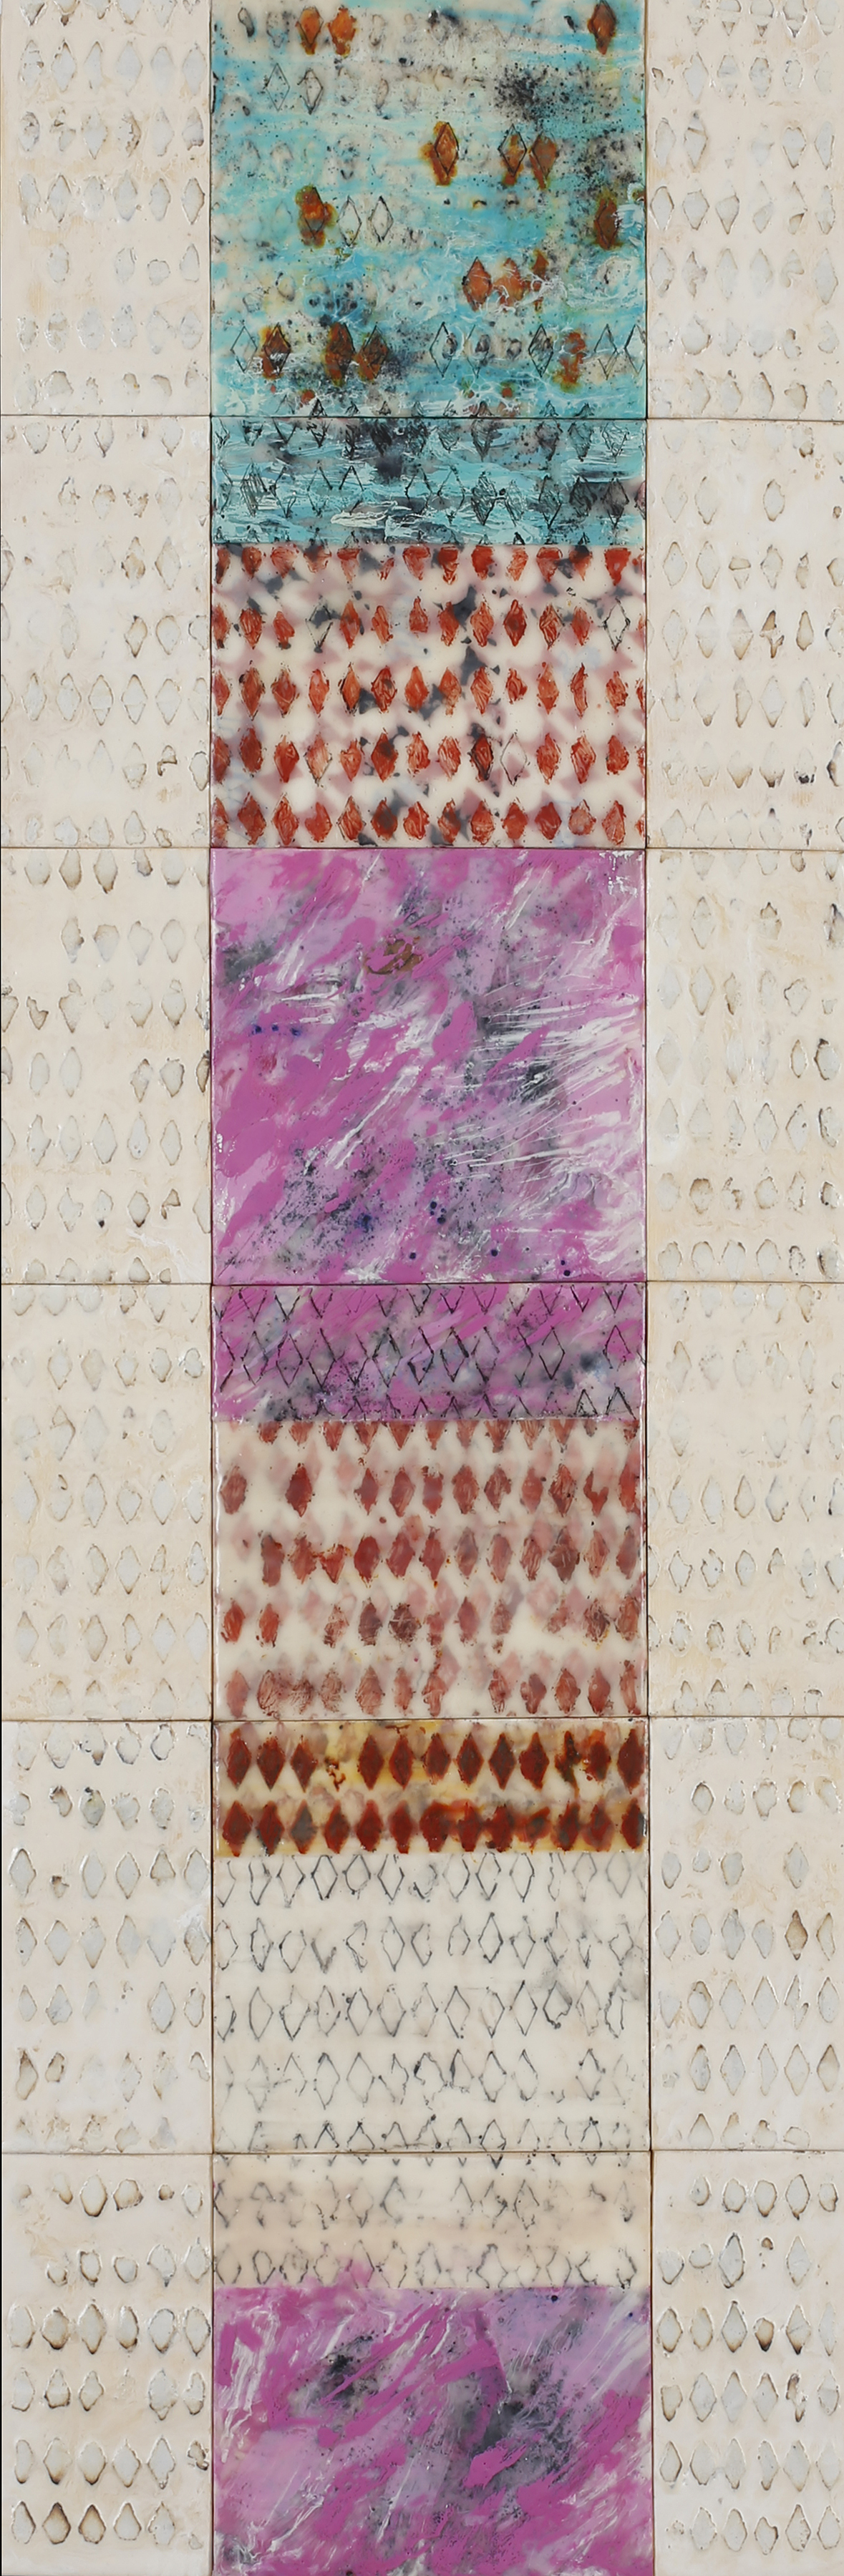 """La Casa Rosada de al Lado encaustic, mixed media, 12x36"""" (comprised of 18 assembled panels)"""